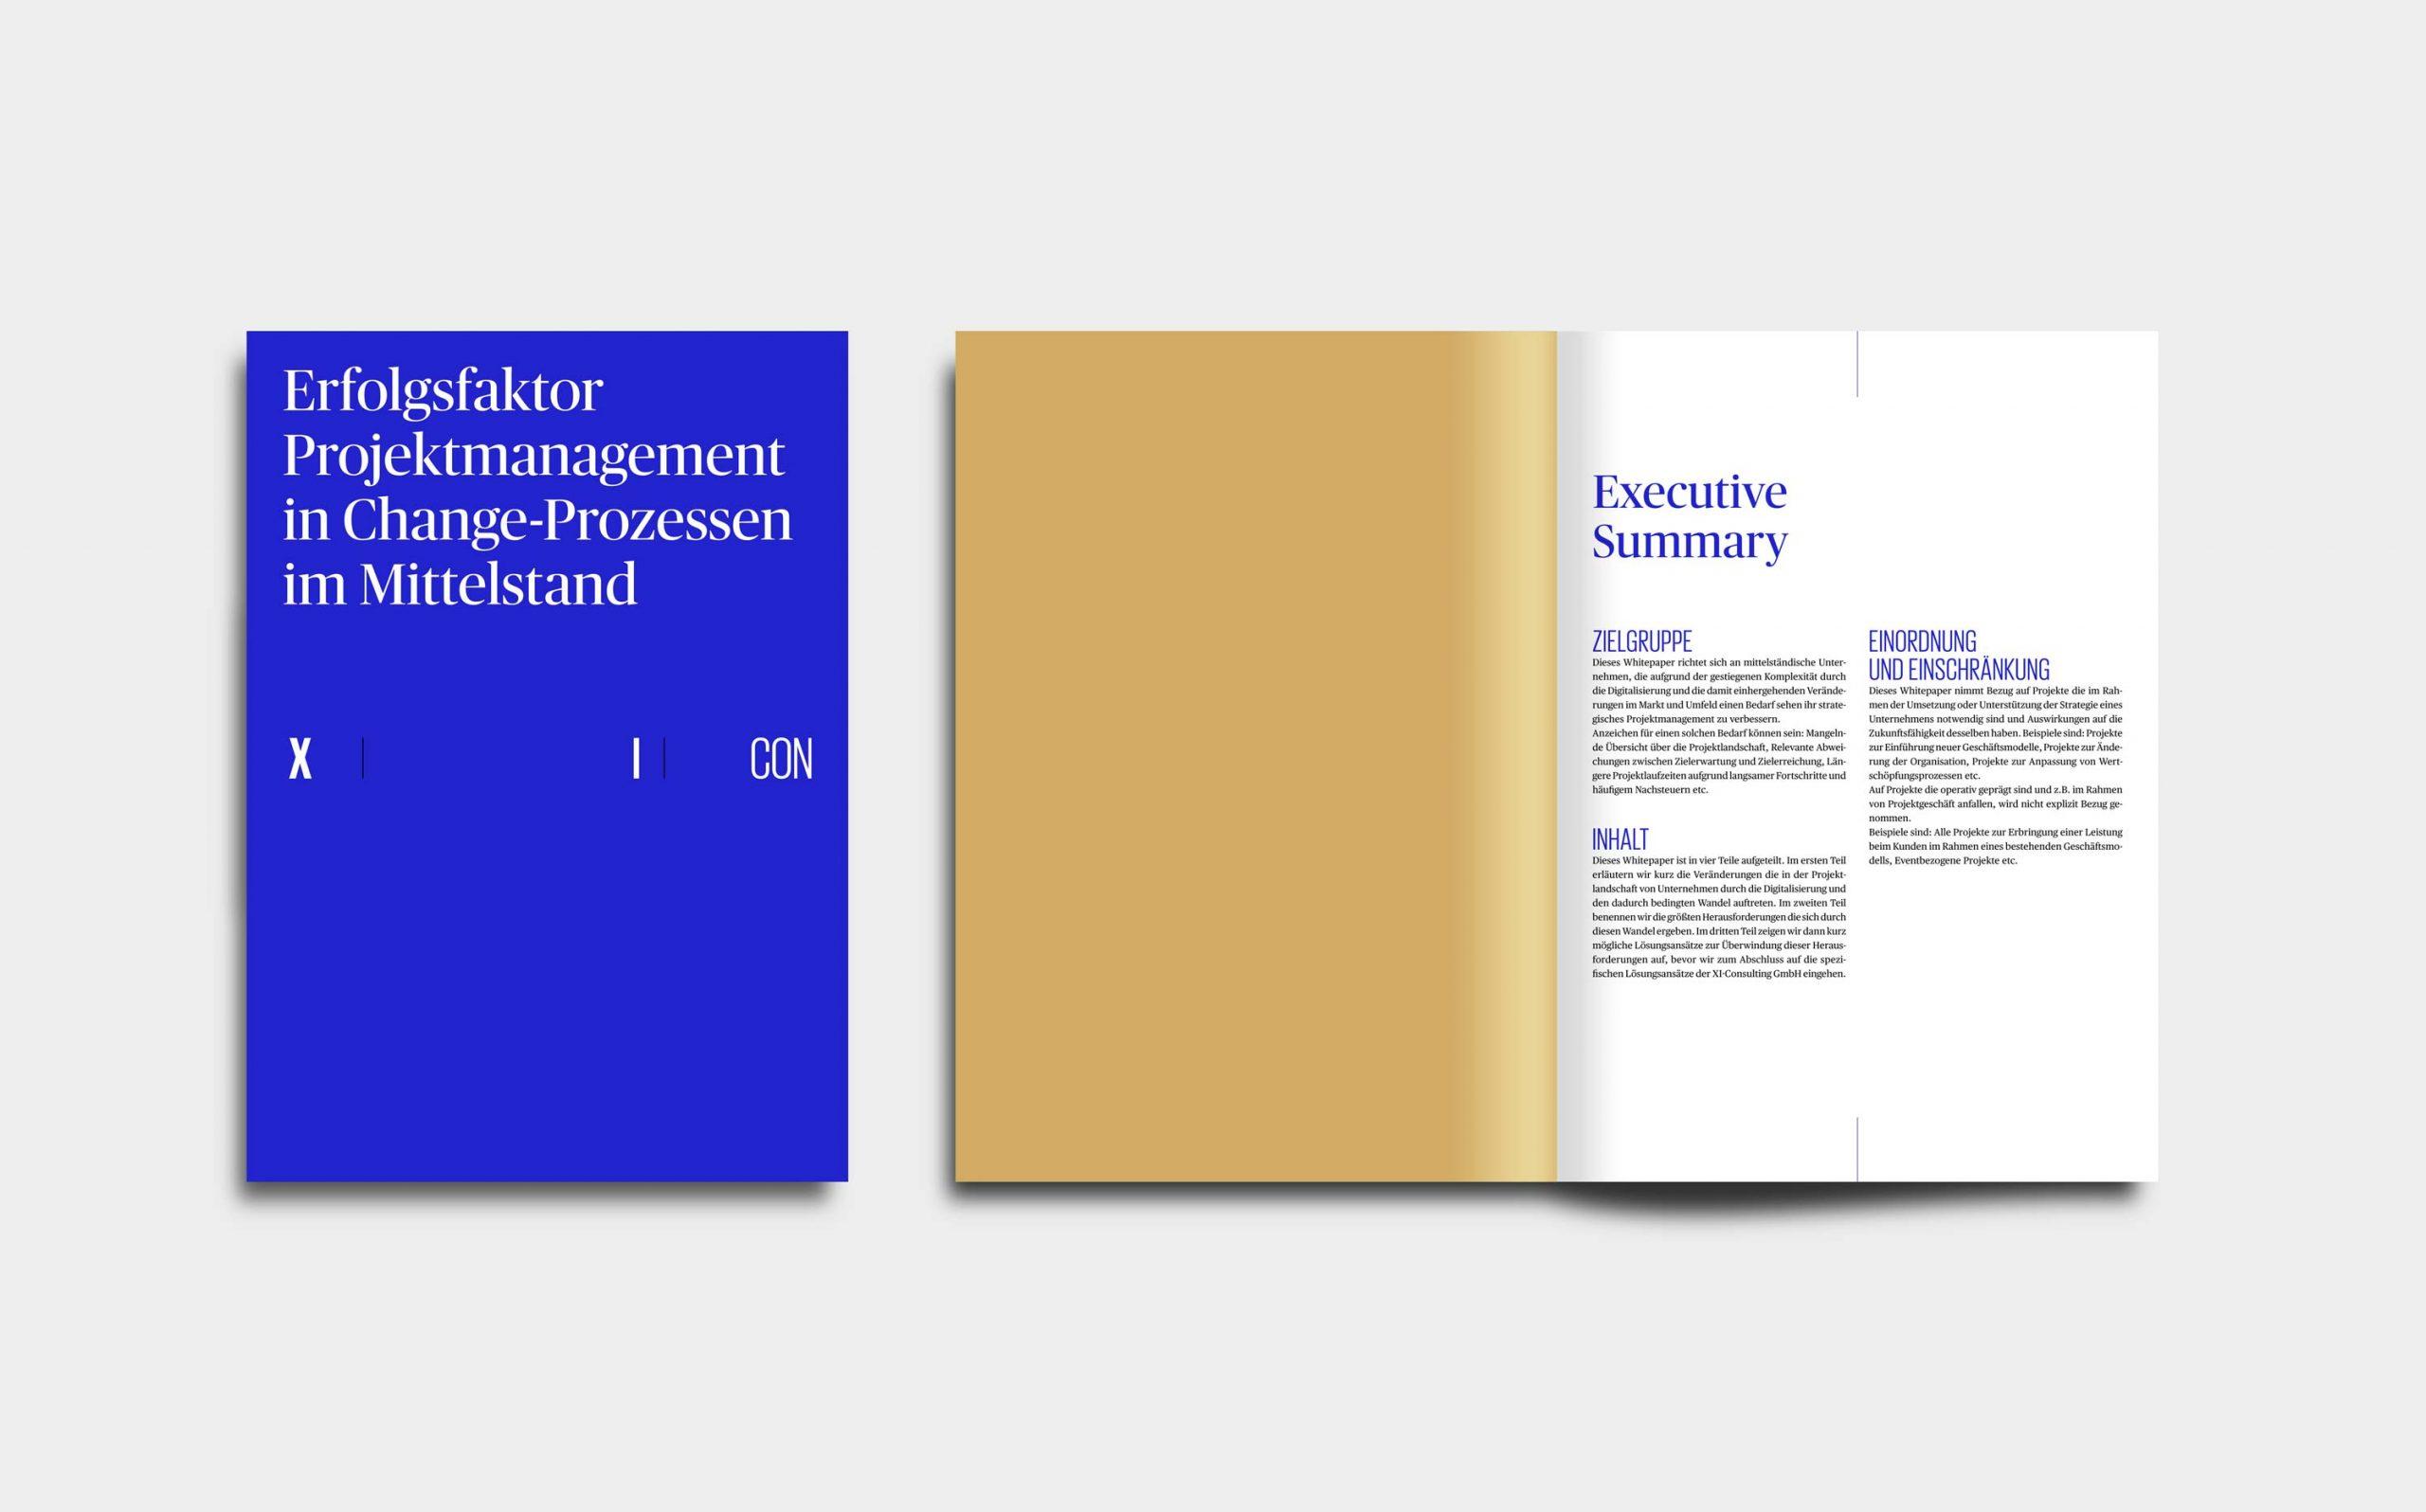 Cross Industry Consulting | Cover und Innenseiten des Projektmanagement Whitepapers in Signalblau, Gold und weiß | Keywords: Corporate Design, Logo, Grafikdesign, Design, Typografie, Whitepaper, Strategie, Beratung